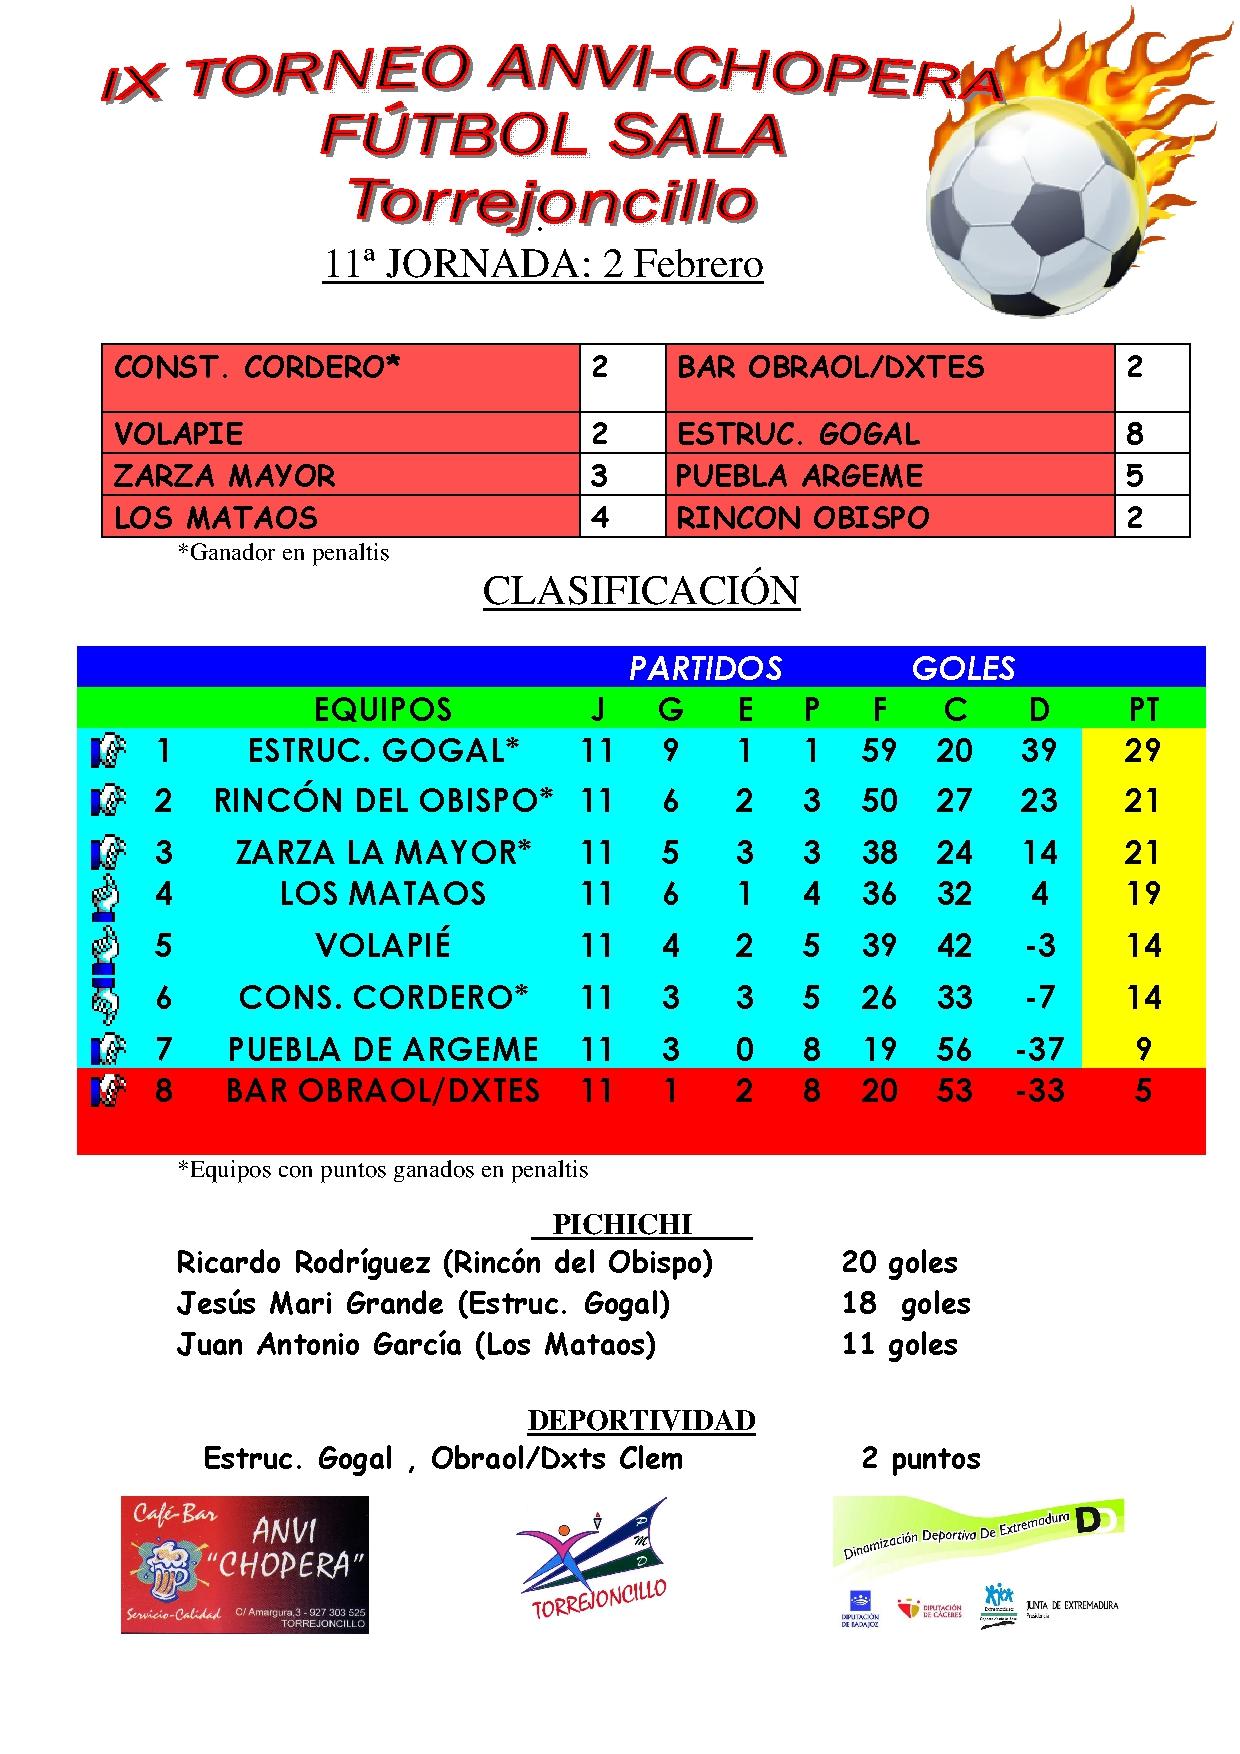 """Liga Local """"Anvi-Chopera"""" de Fútbol Sala: Resultados 11ª Jornada y Horarios 12ª Jorn."""